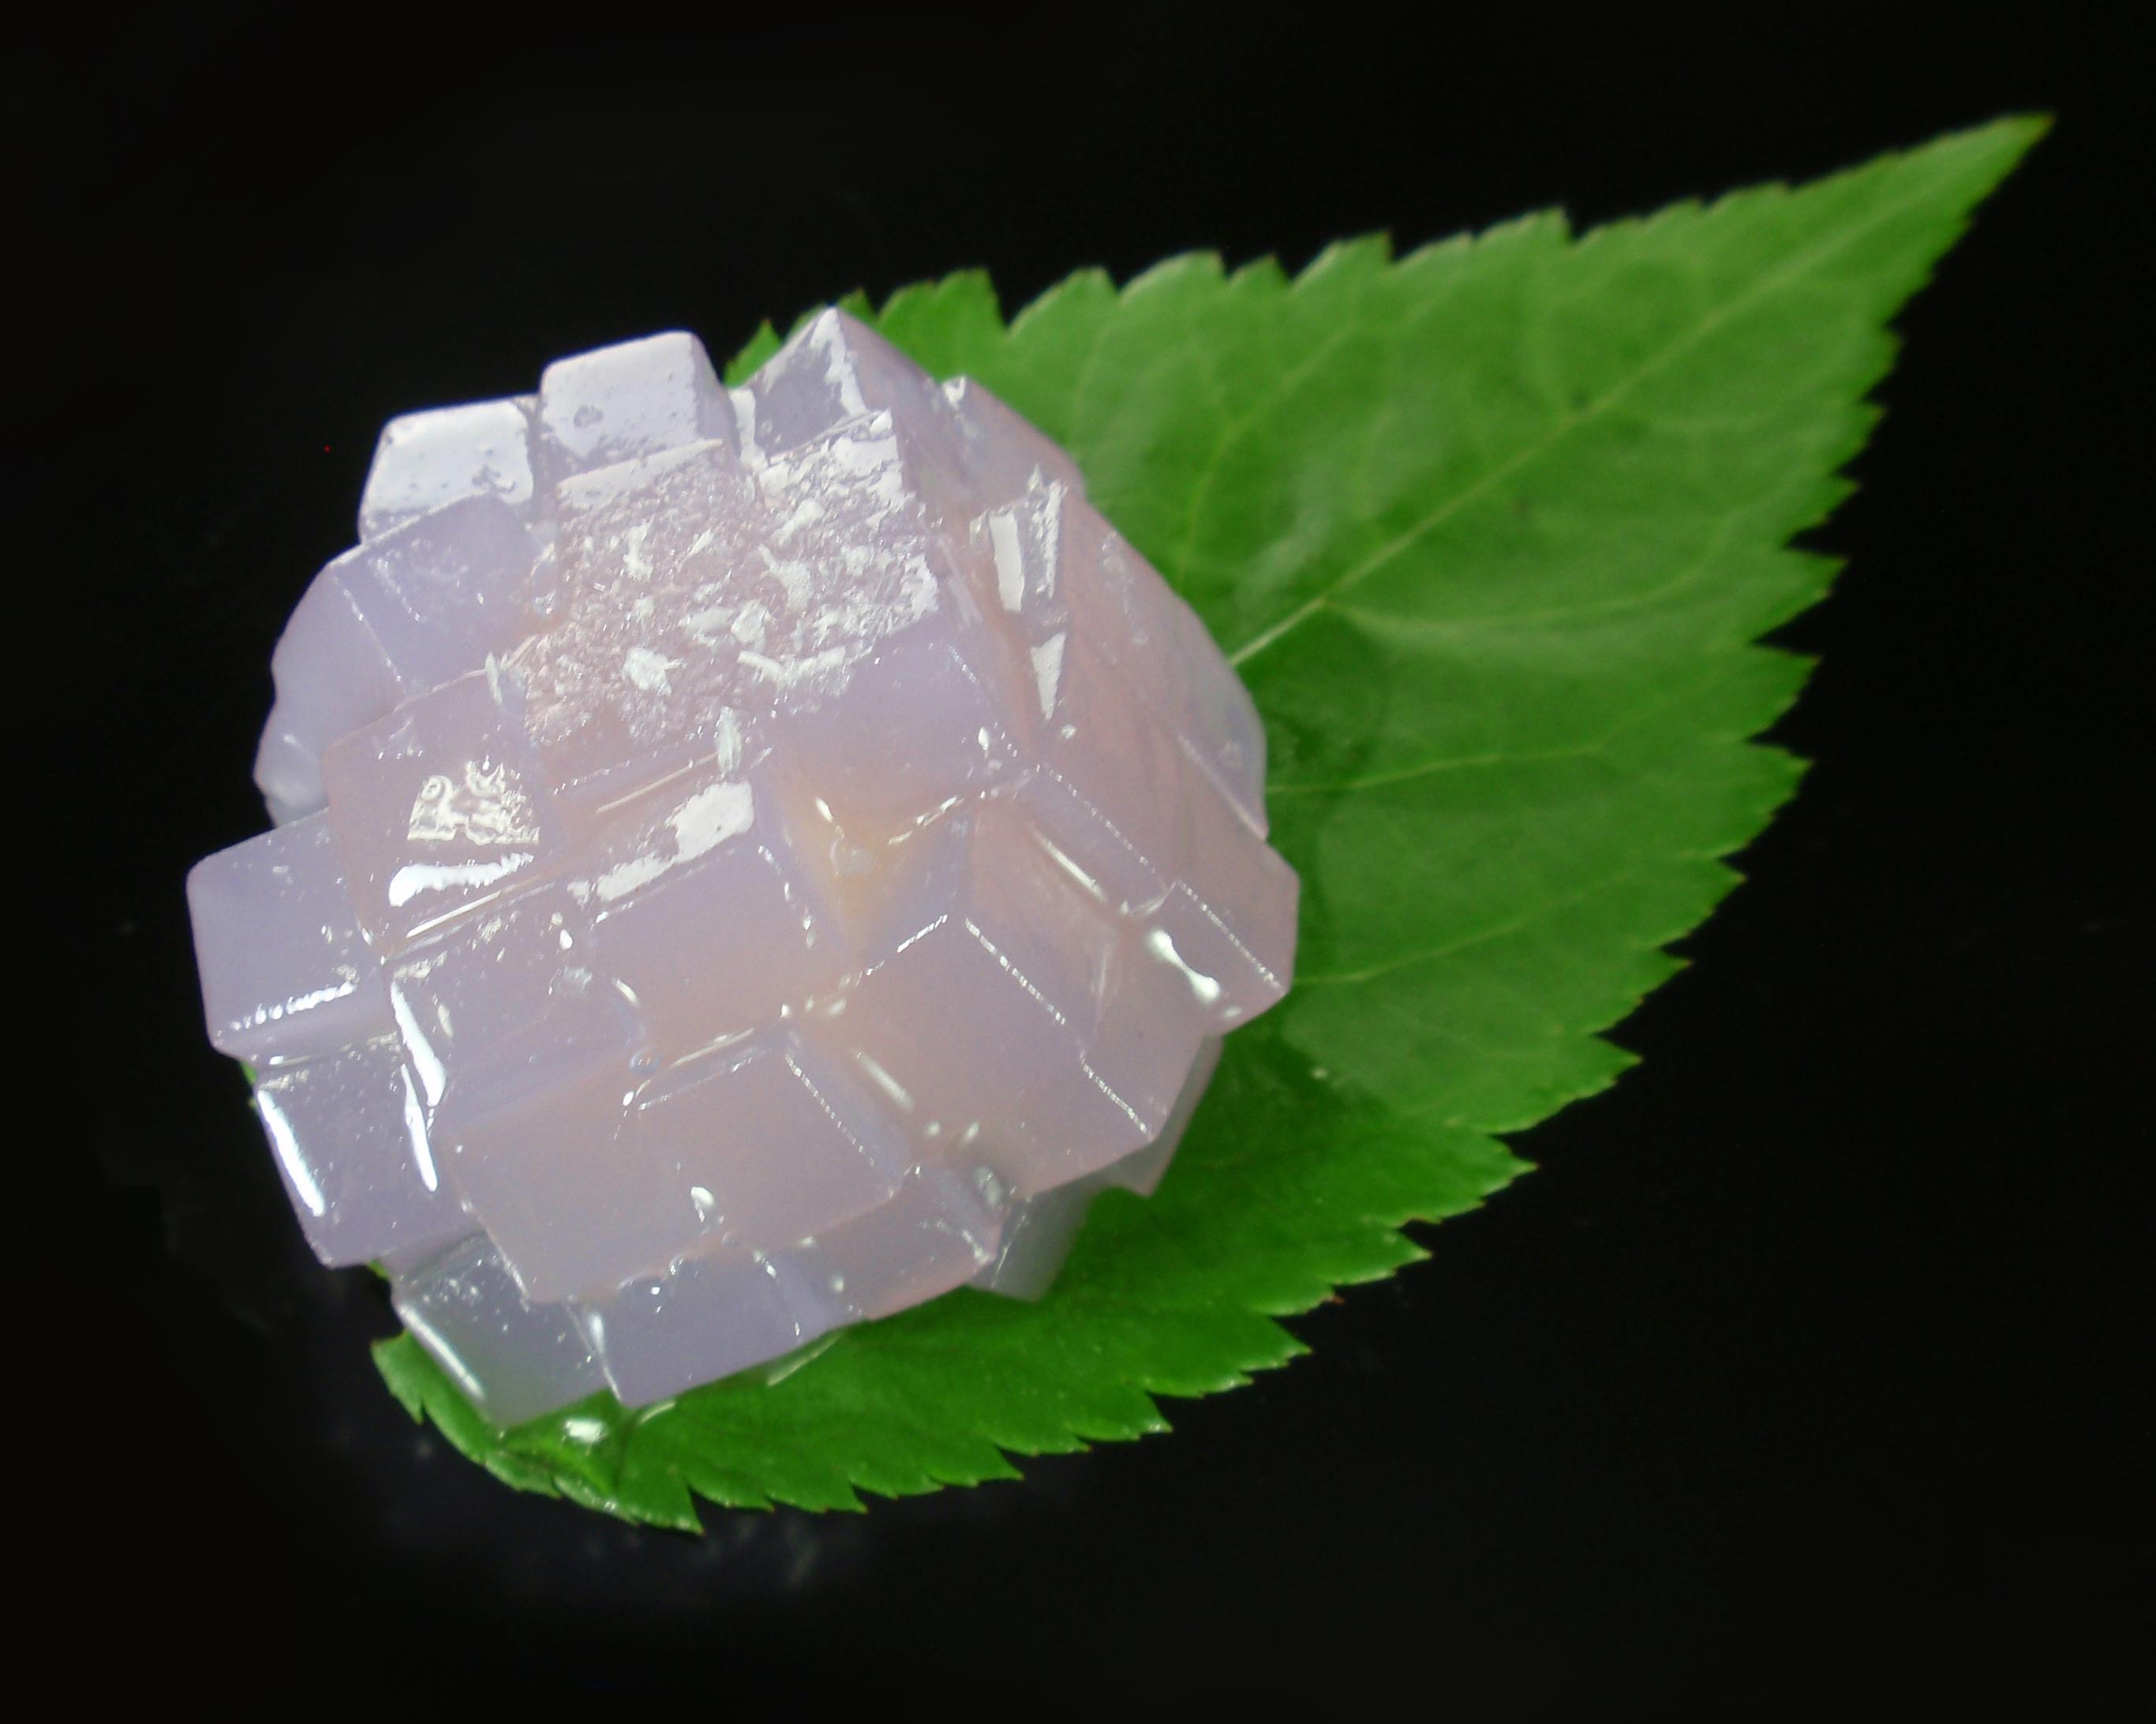 上生菓子 主菓子 紫陽花 アジサイ あじさい